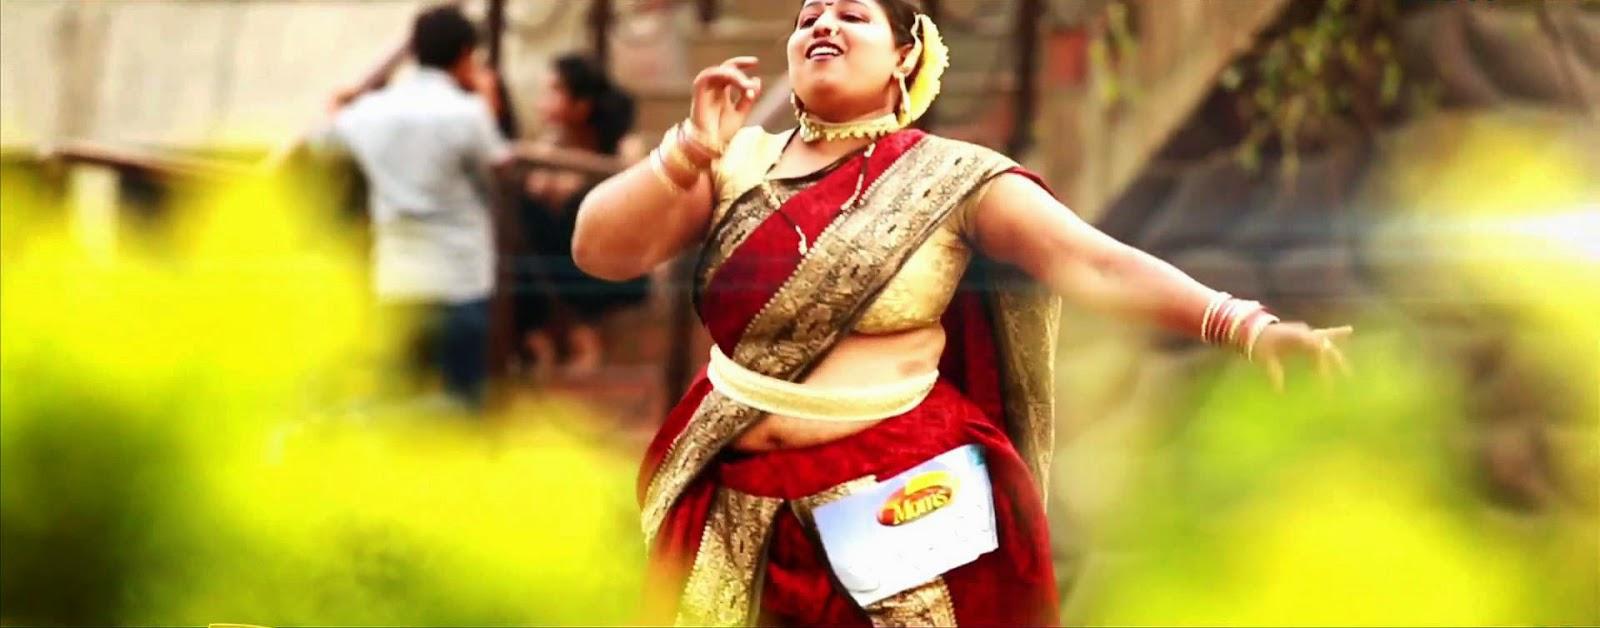 super mom of dance india dance hd desktop wallpapers photos download